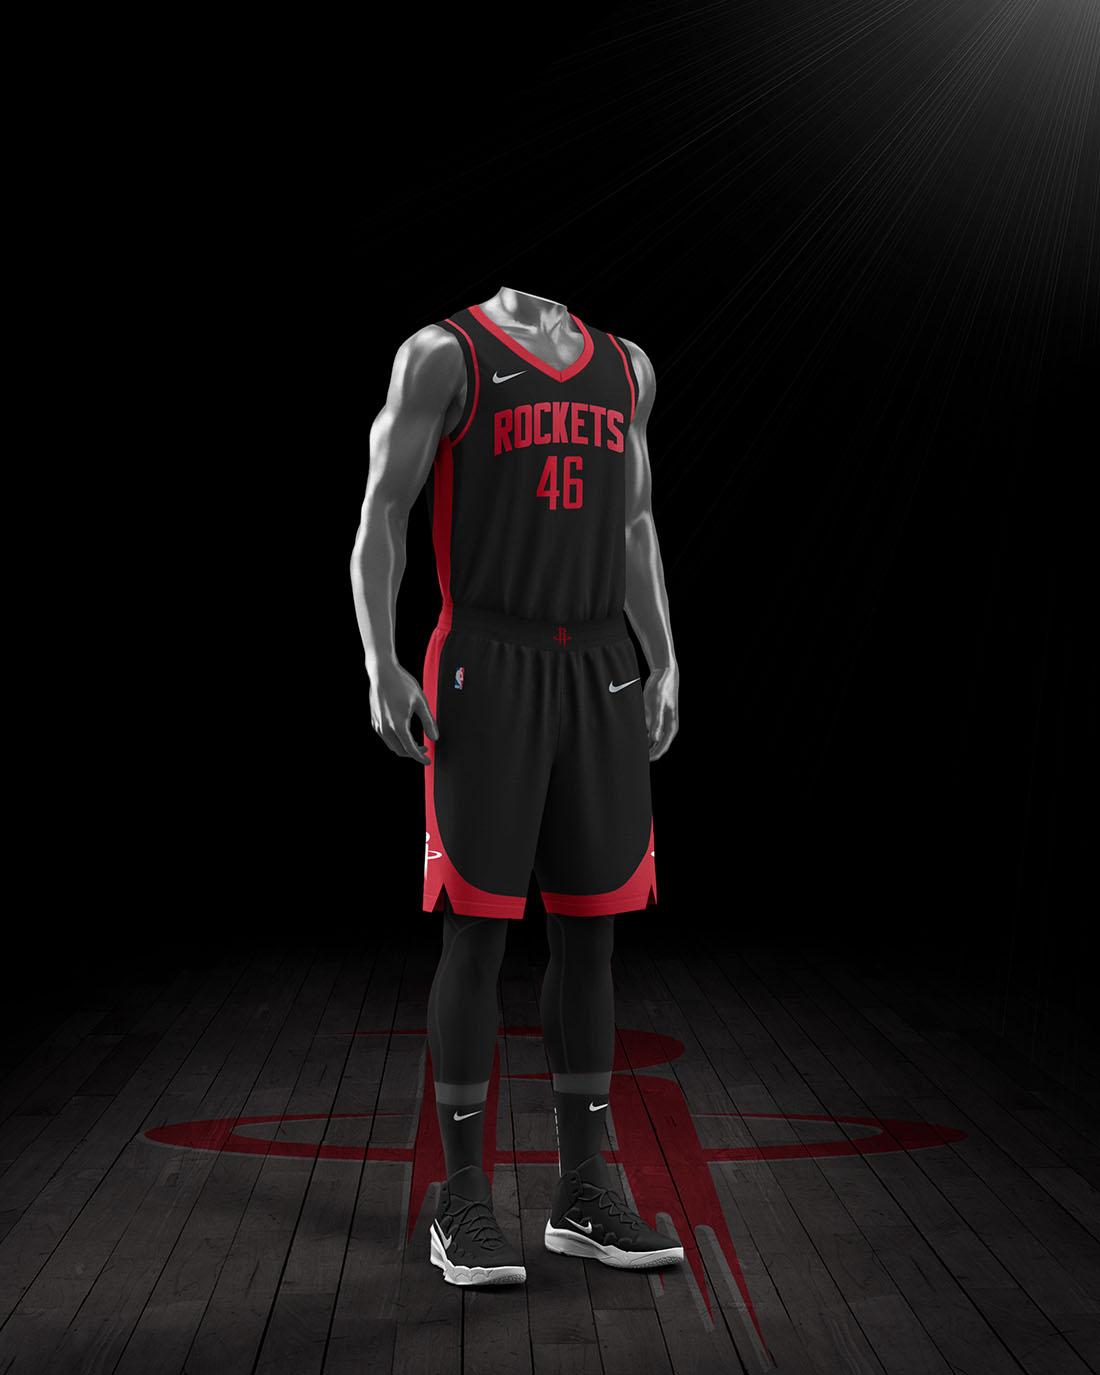 Nike x NBA Earned Edition 2020-21 - Houston Rockets